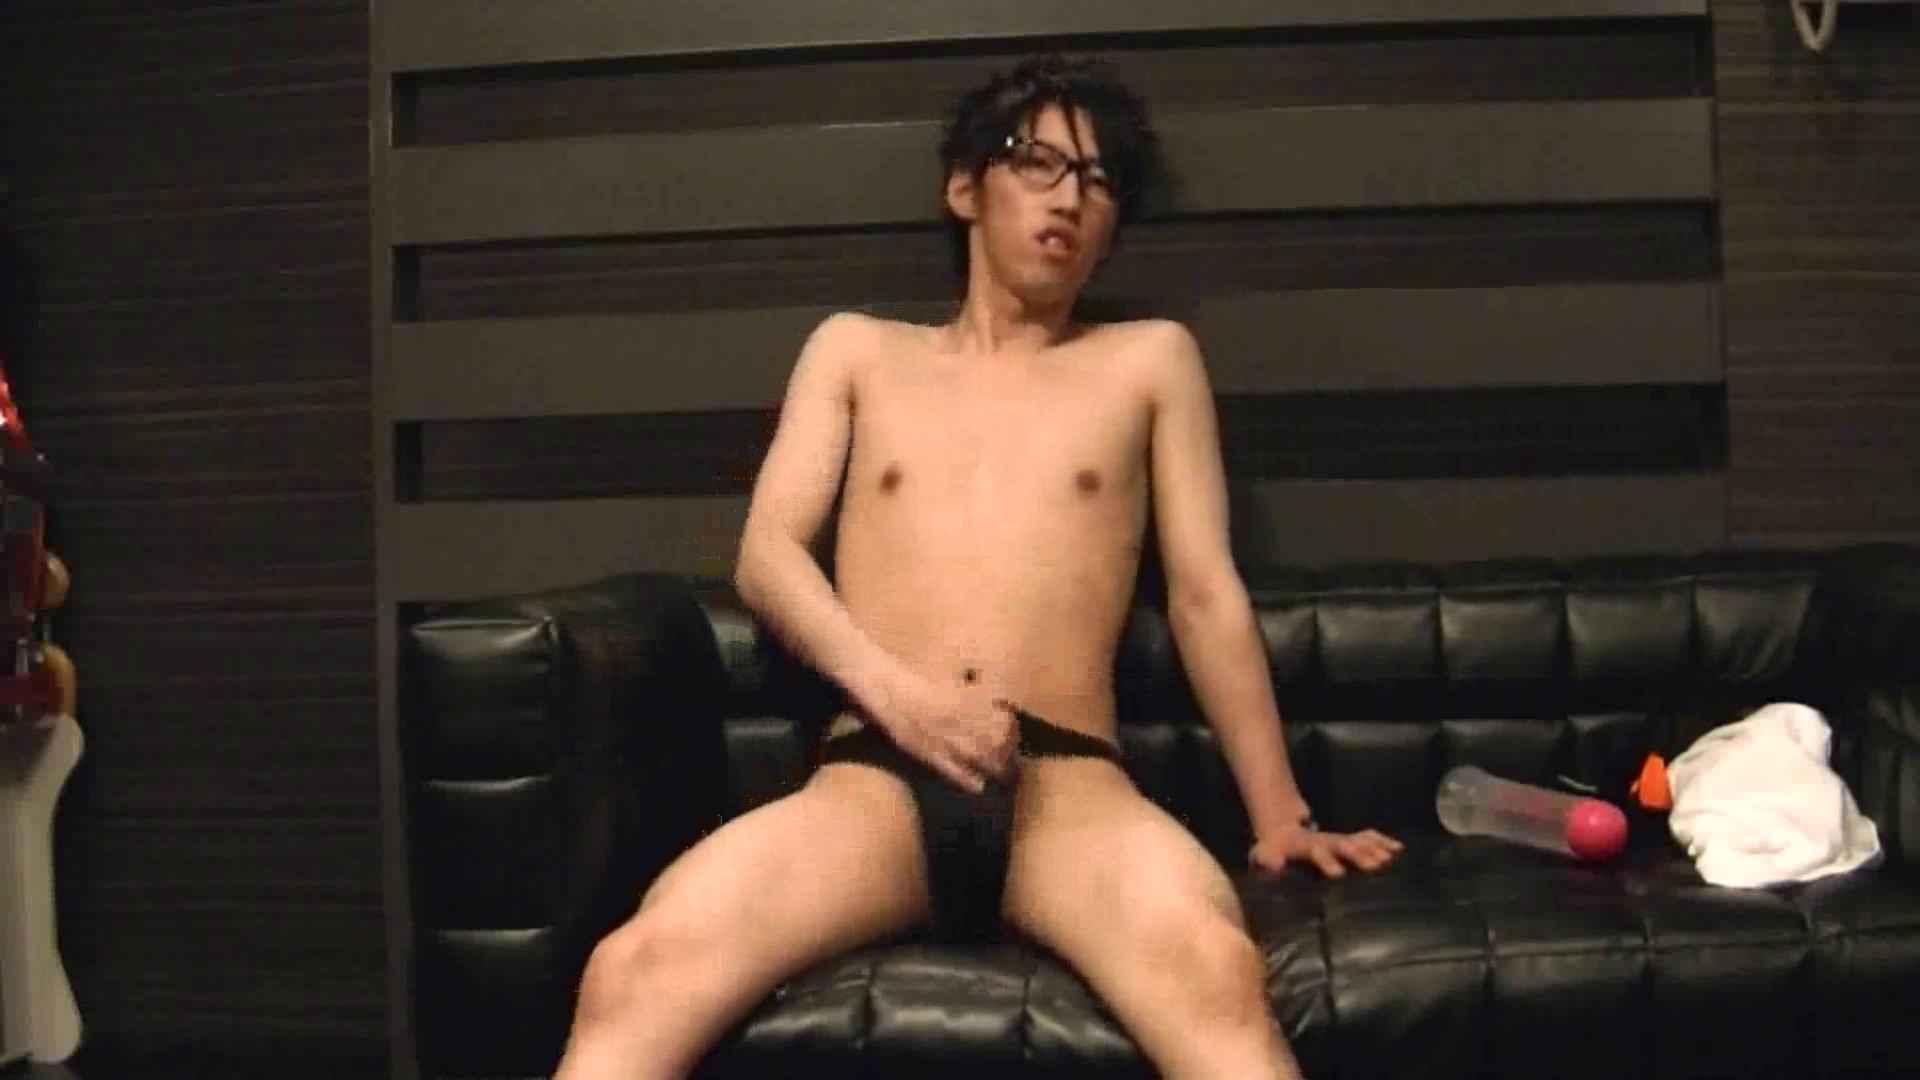 ONA見せカーニバル!! Vol3 男の世界  98画像 58